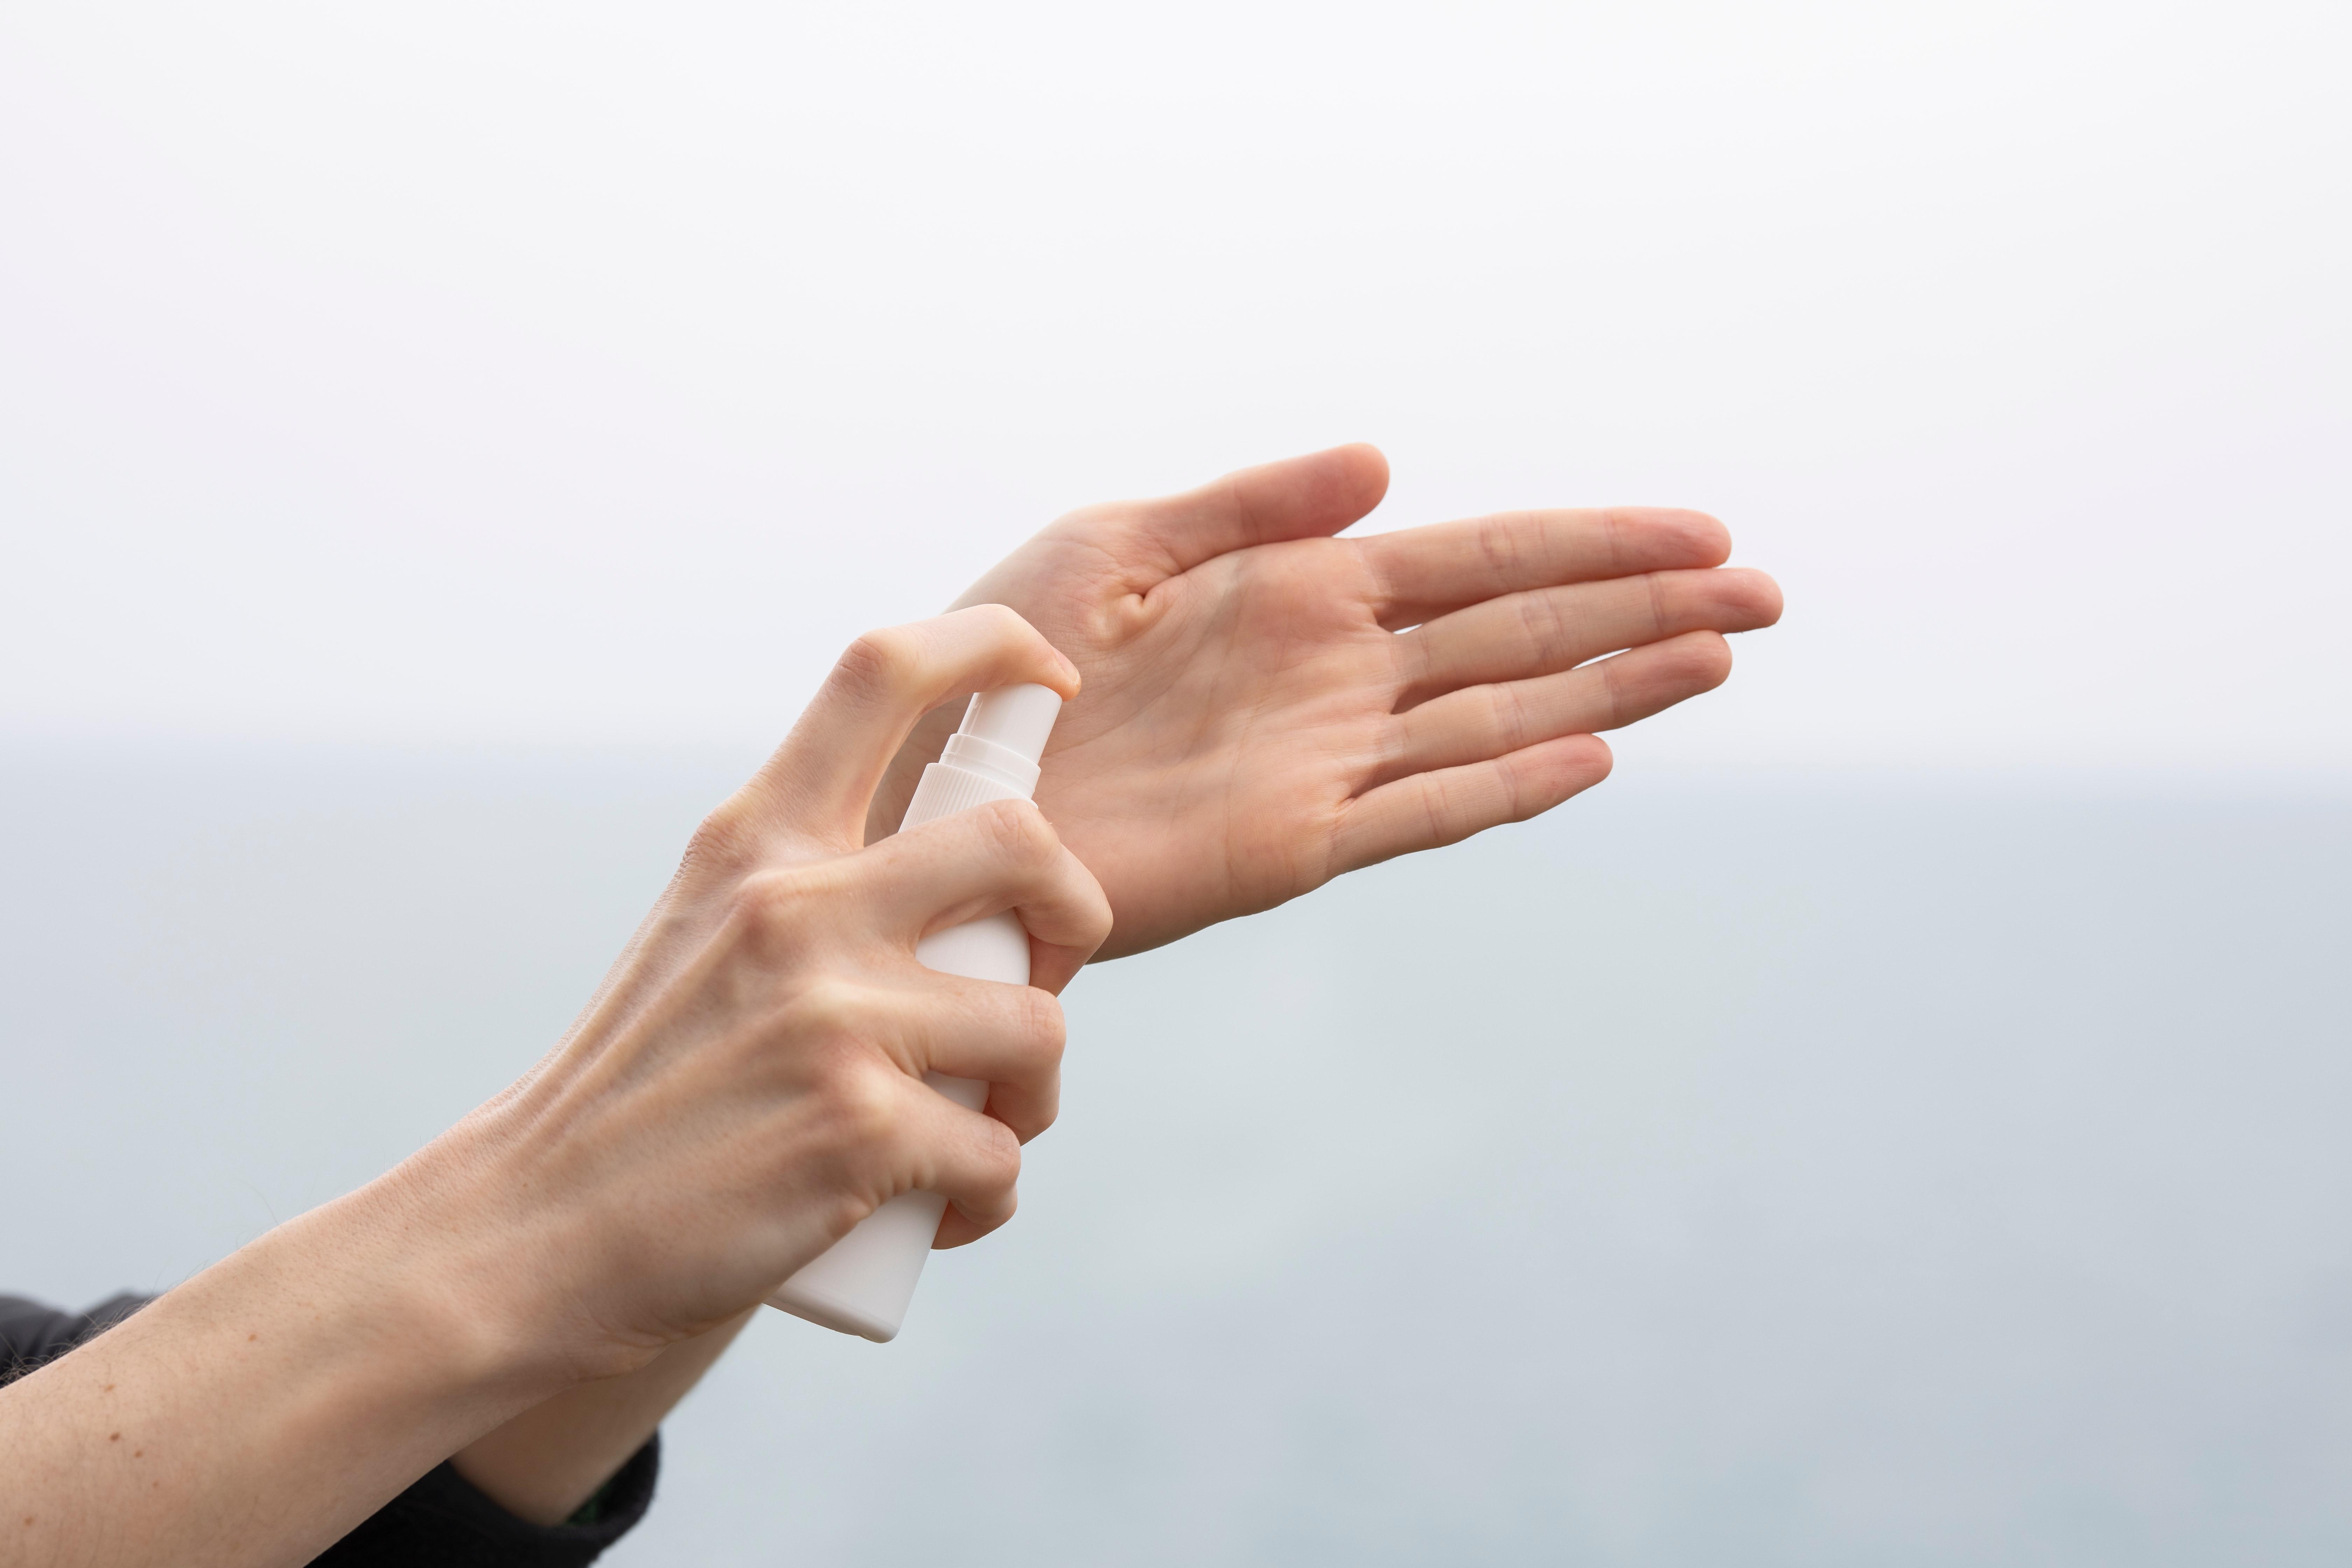 engin akyurt srt61vmXMY8 unsplash - Hvordan virker håndsprit mod virus?